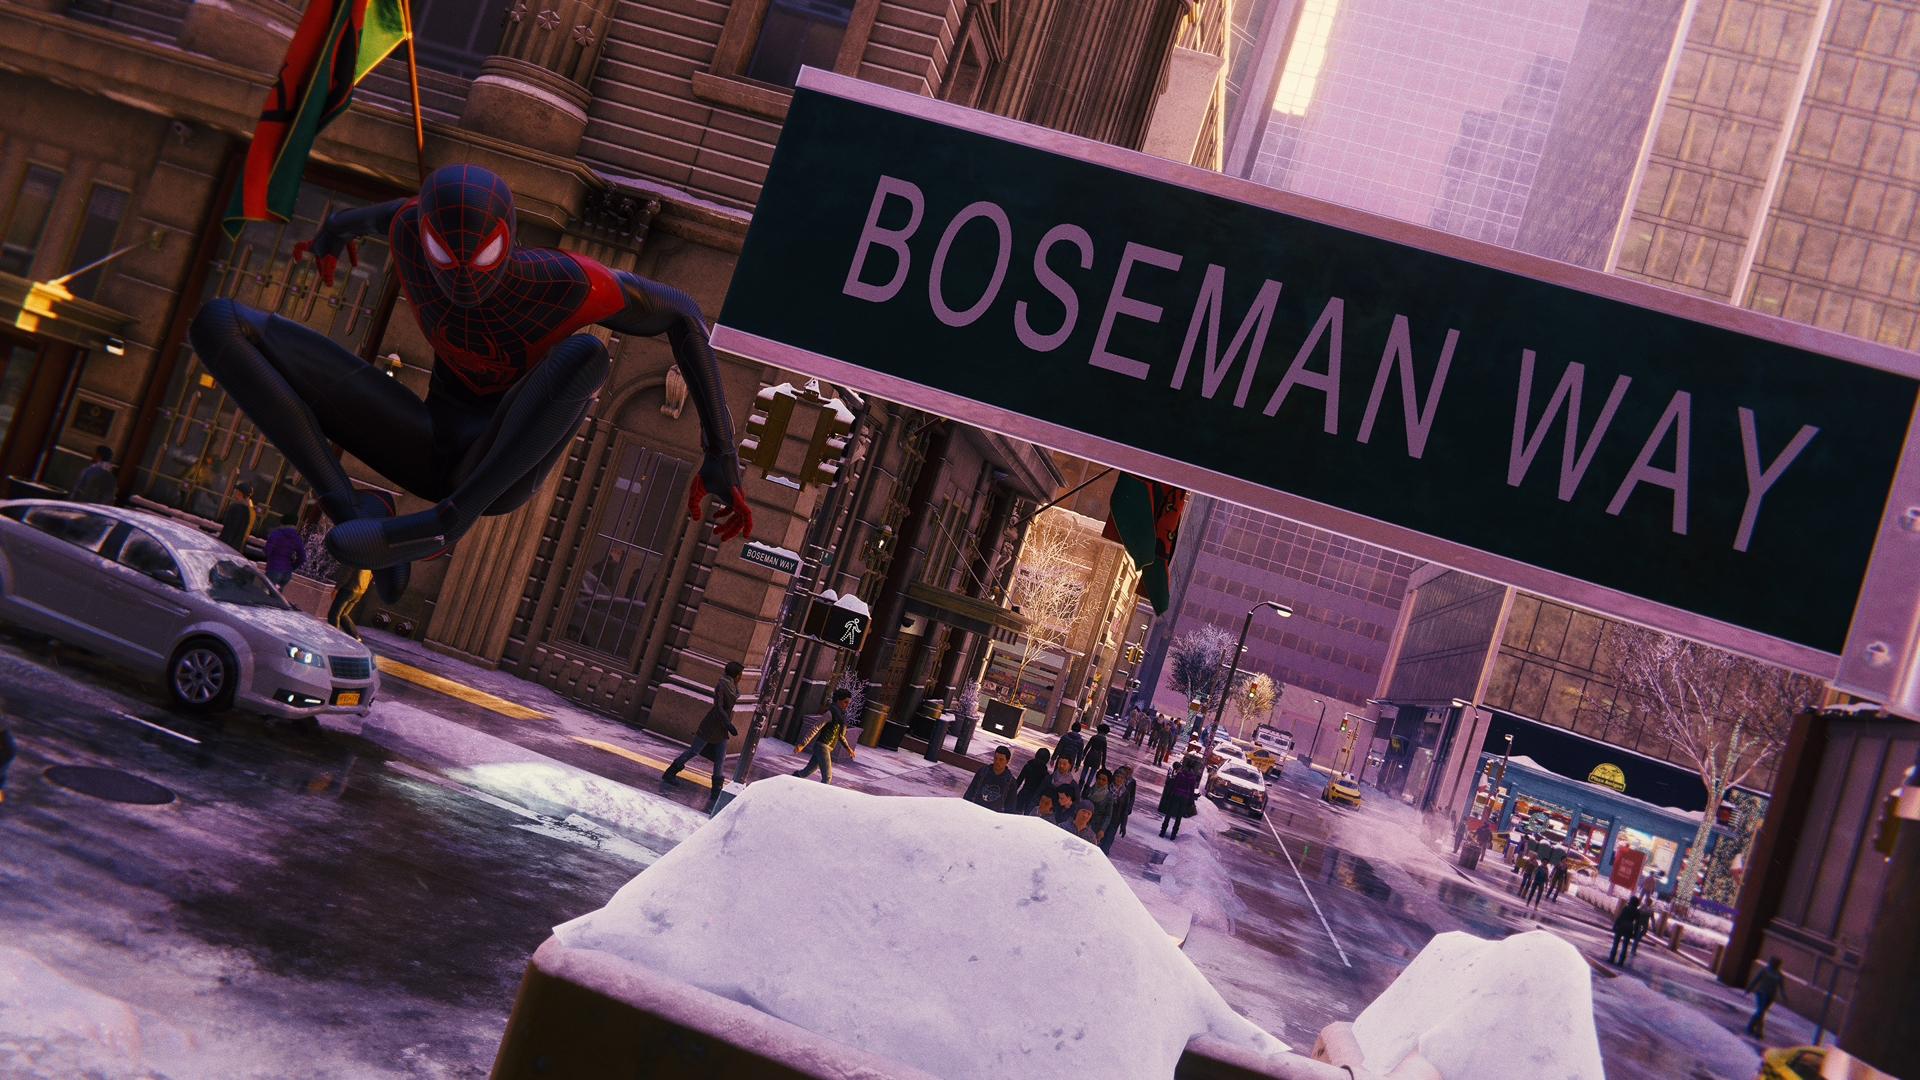 《漫威蜘蛛侠:迈尔斯》有以黑豹饰演者命名的道路